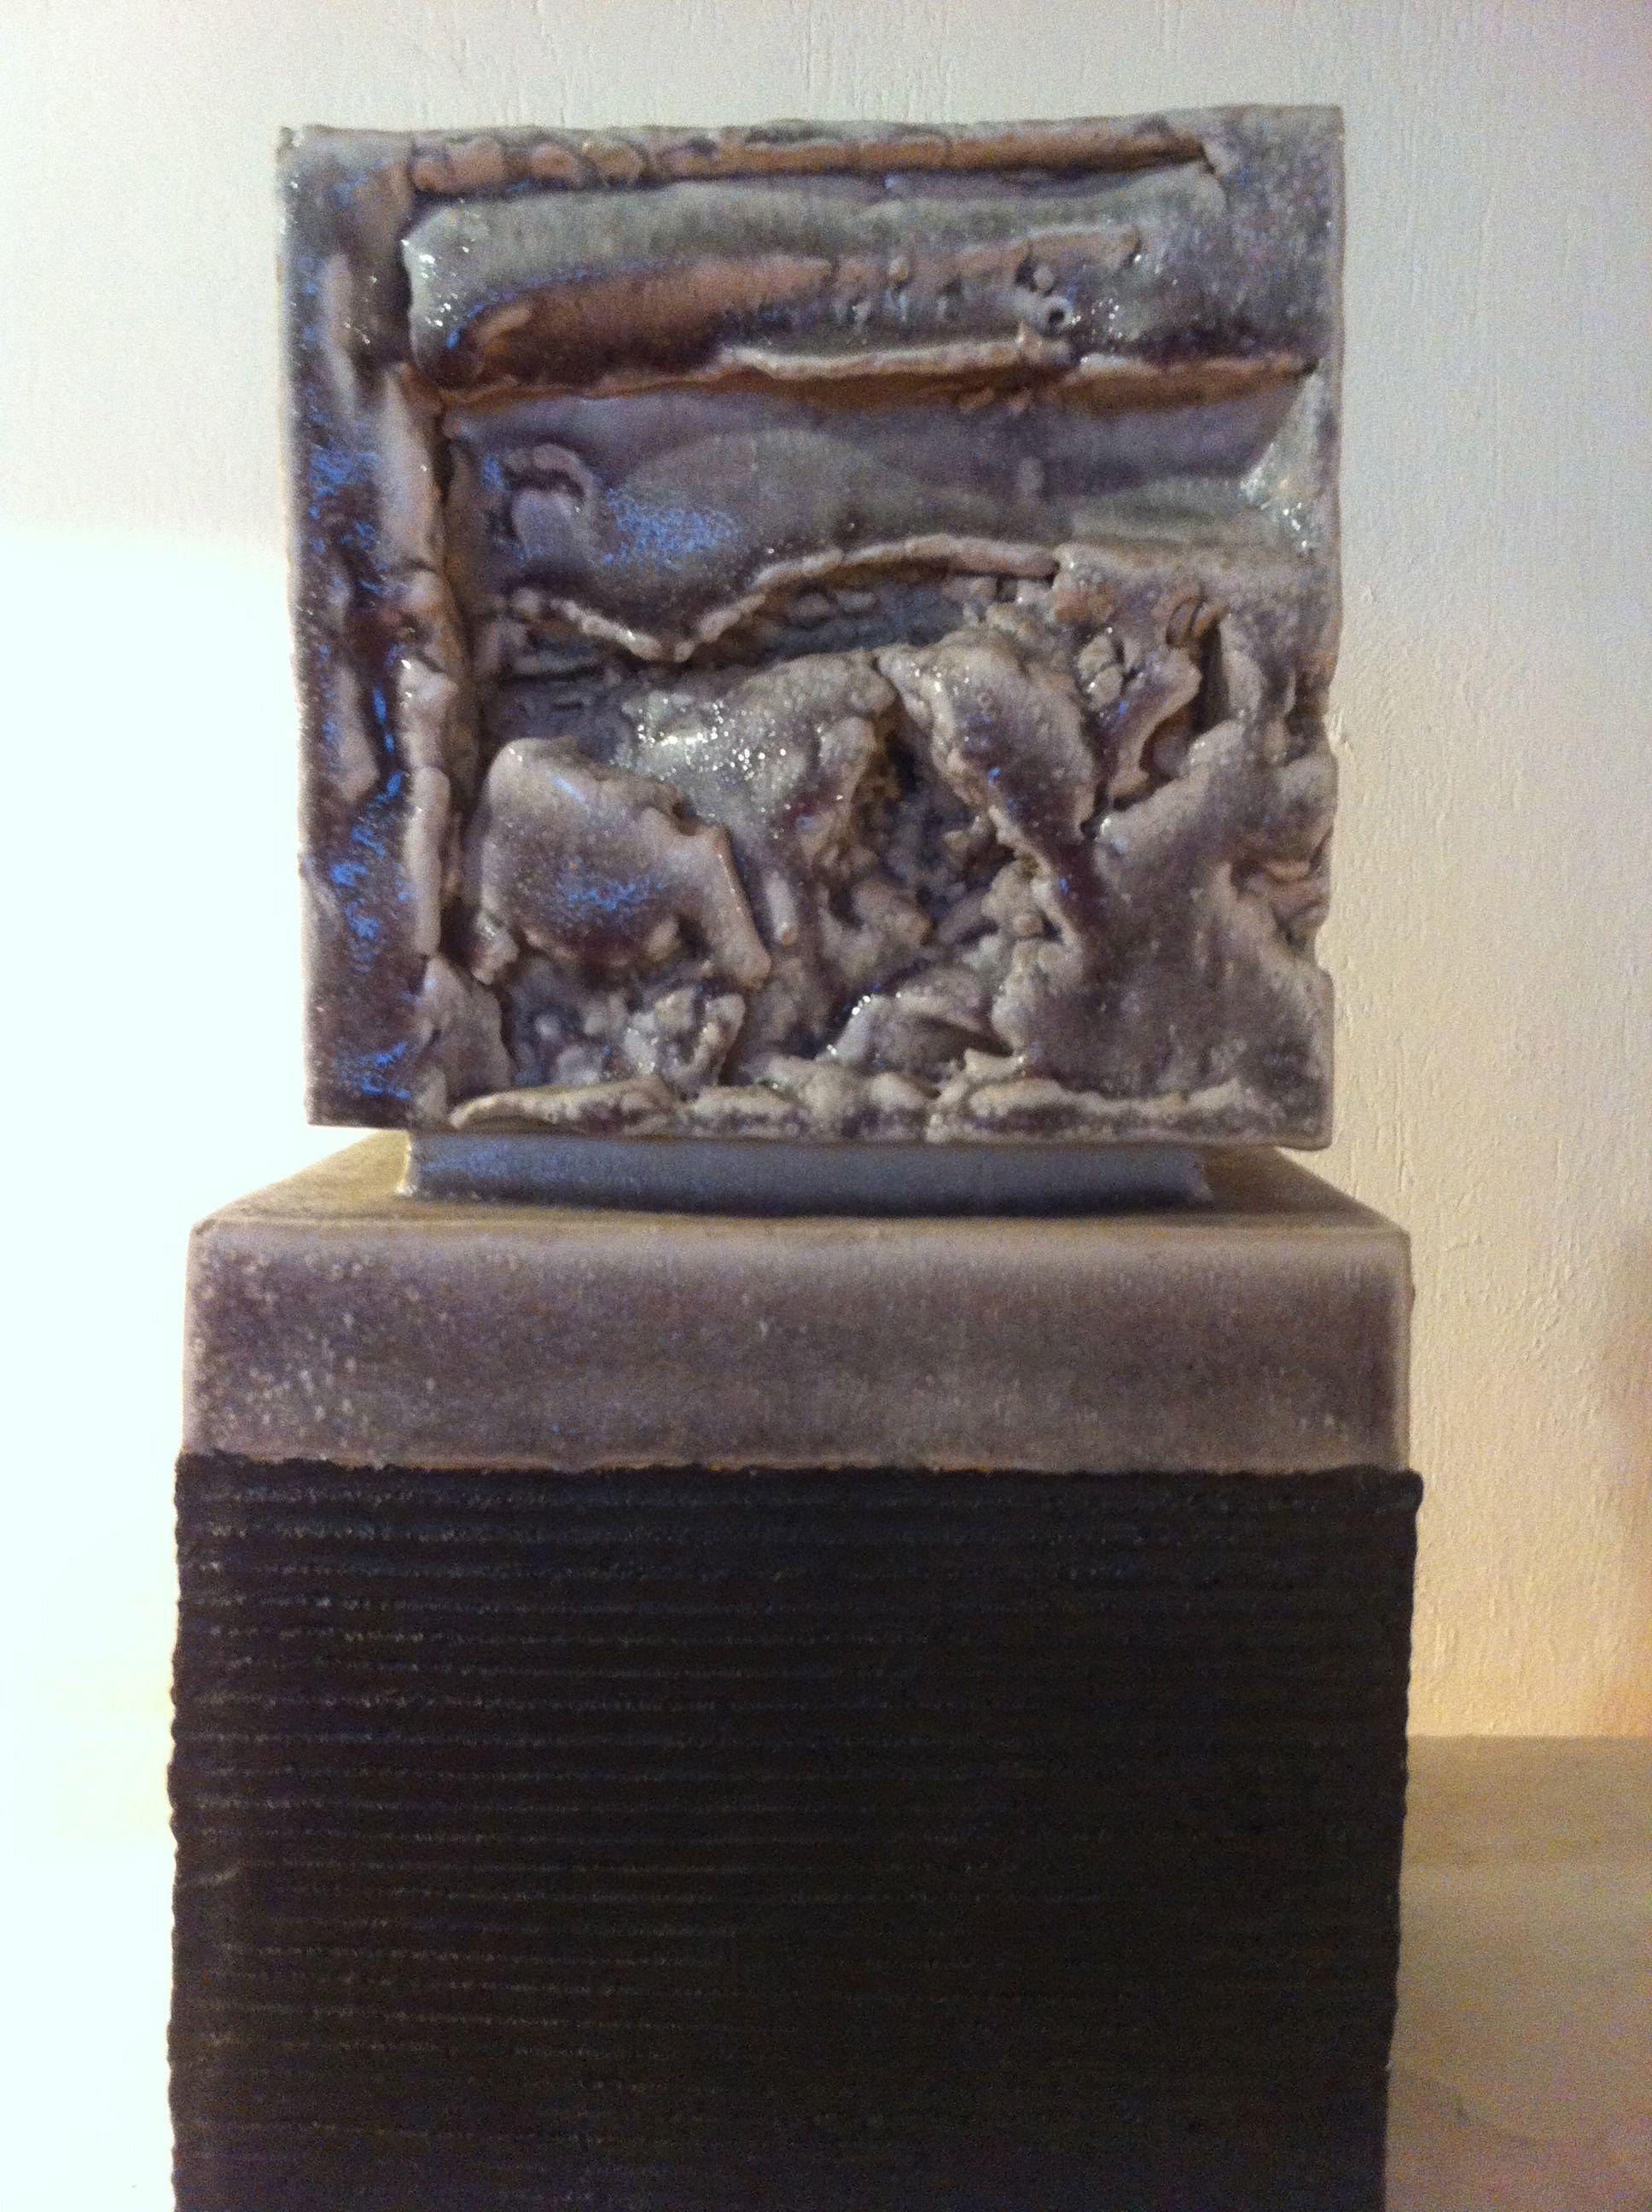 Ceramica e contemporaneità. Il nostro viaggio parte da Carlo Zauli.  http://www.imolaceramica.com/it/imolaceramica/non-solo-ceramica/architettura-e-design/ceramica-e-contemporaneit%C3%A0.-il-nostro-viaggio-parte-da-carlo-zauli #ceramica #tiles #lafaenza #carlo #zauli